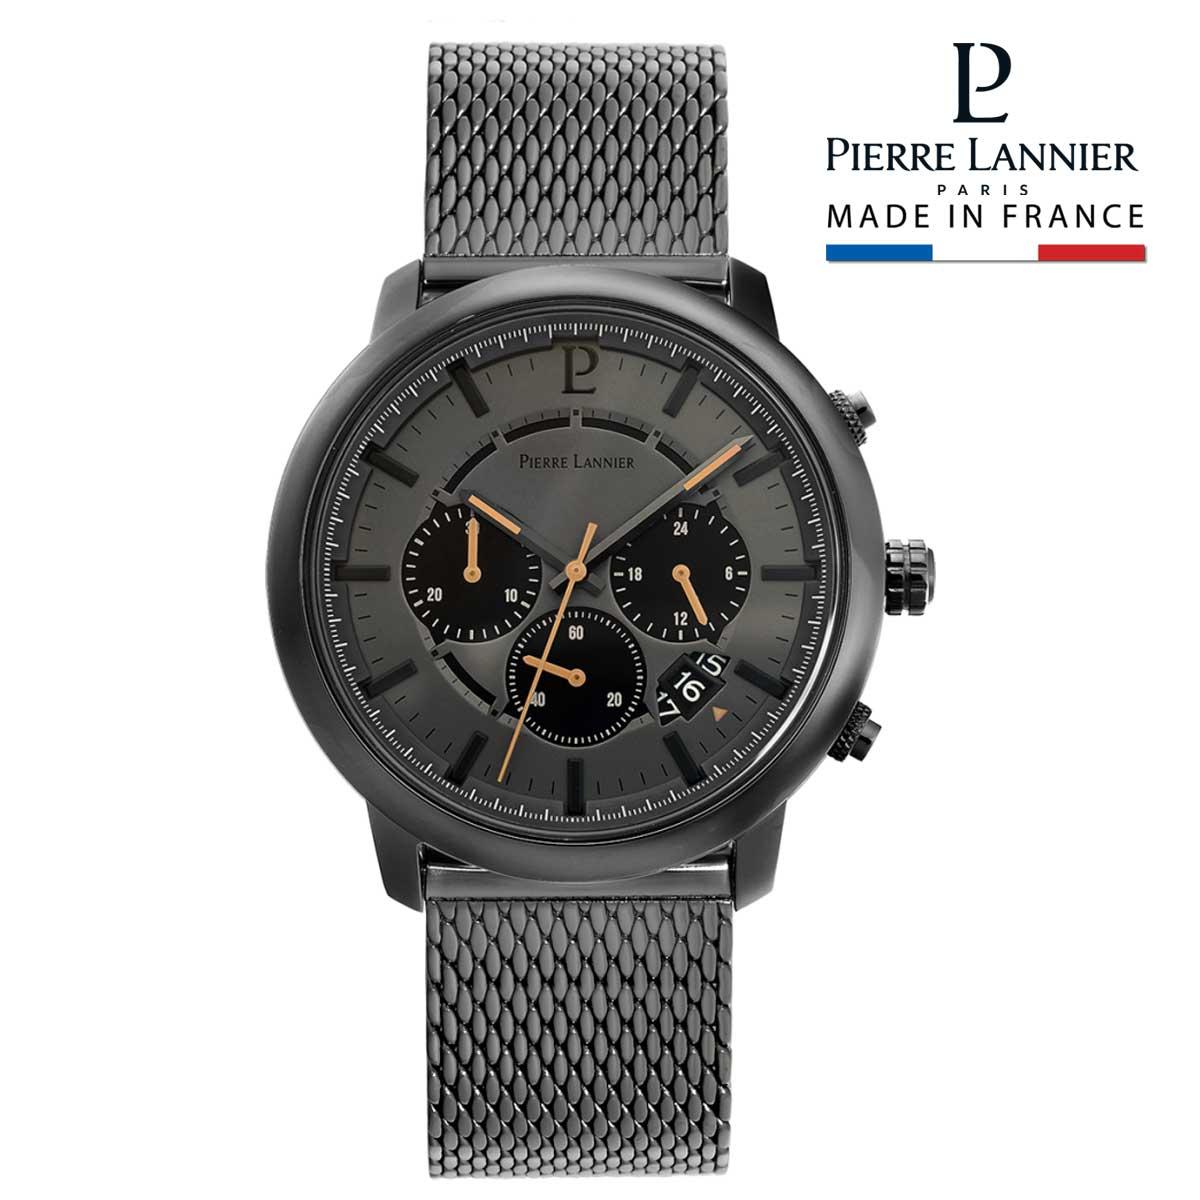 腕時計 メンズ ブランド ピエールラニエ クロノグラフ メッシュベルト ガンメタリック